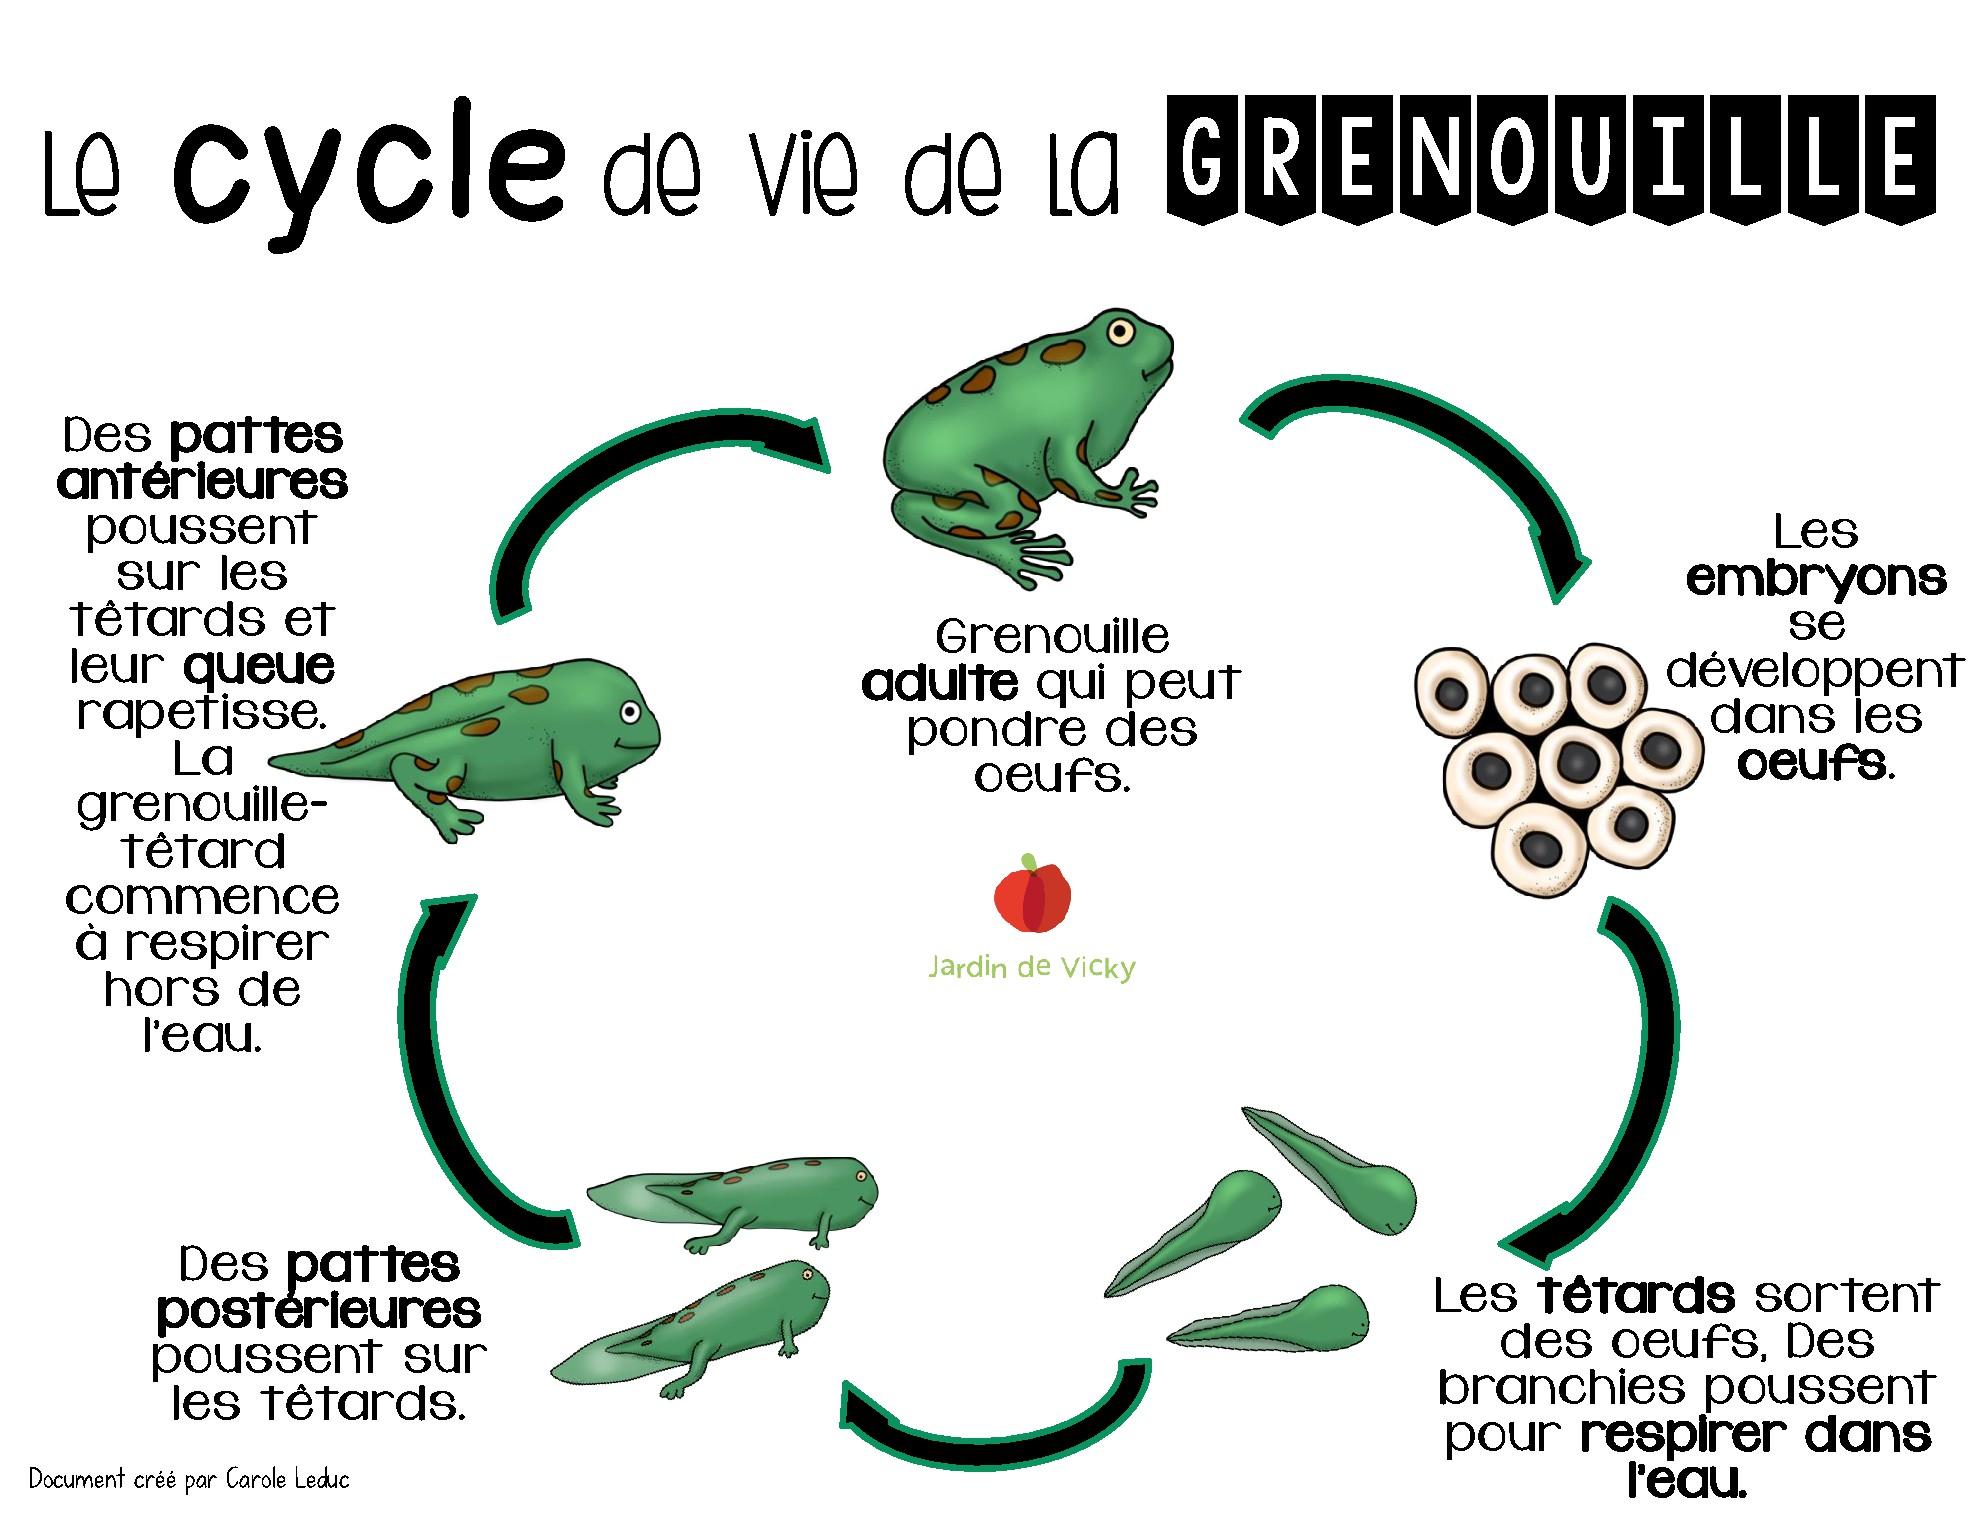 Le Cycle De Vie De La Grenouille | Jardin De Vicky intérieur Cycle De Vie Grenouille